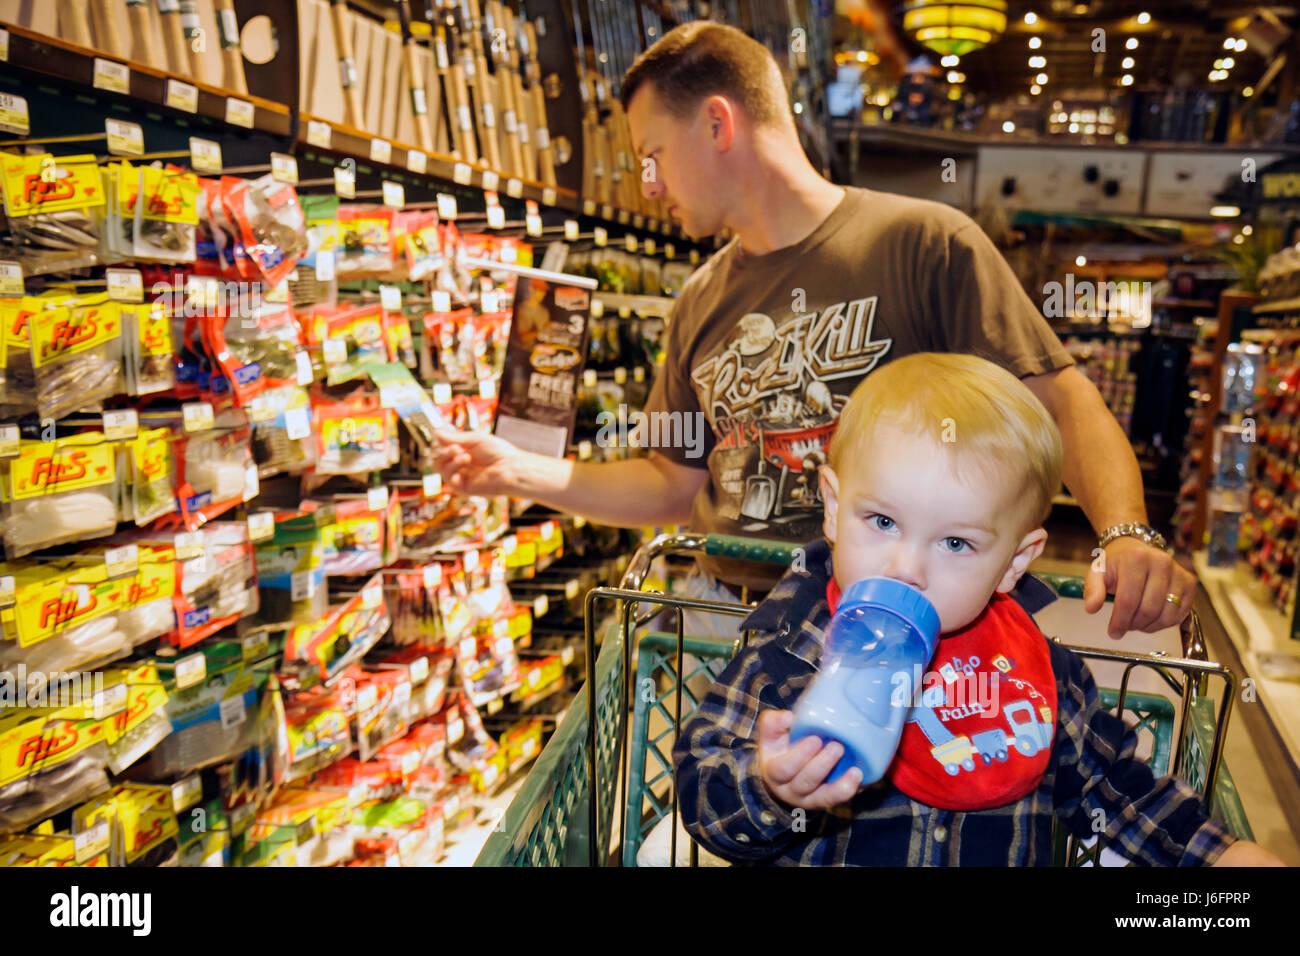 545ff847f8 Tennessee Sevierville Kodak Bass Pro Shops man boy toddler father son merchandise  sporting goods outdoor recreation shopping car